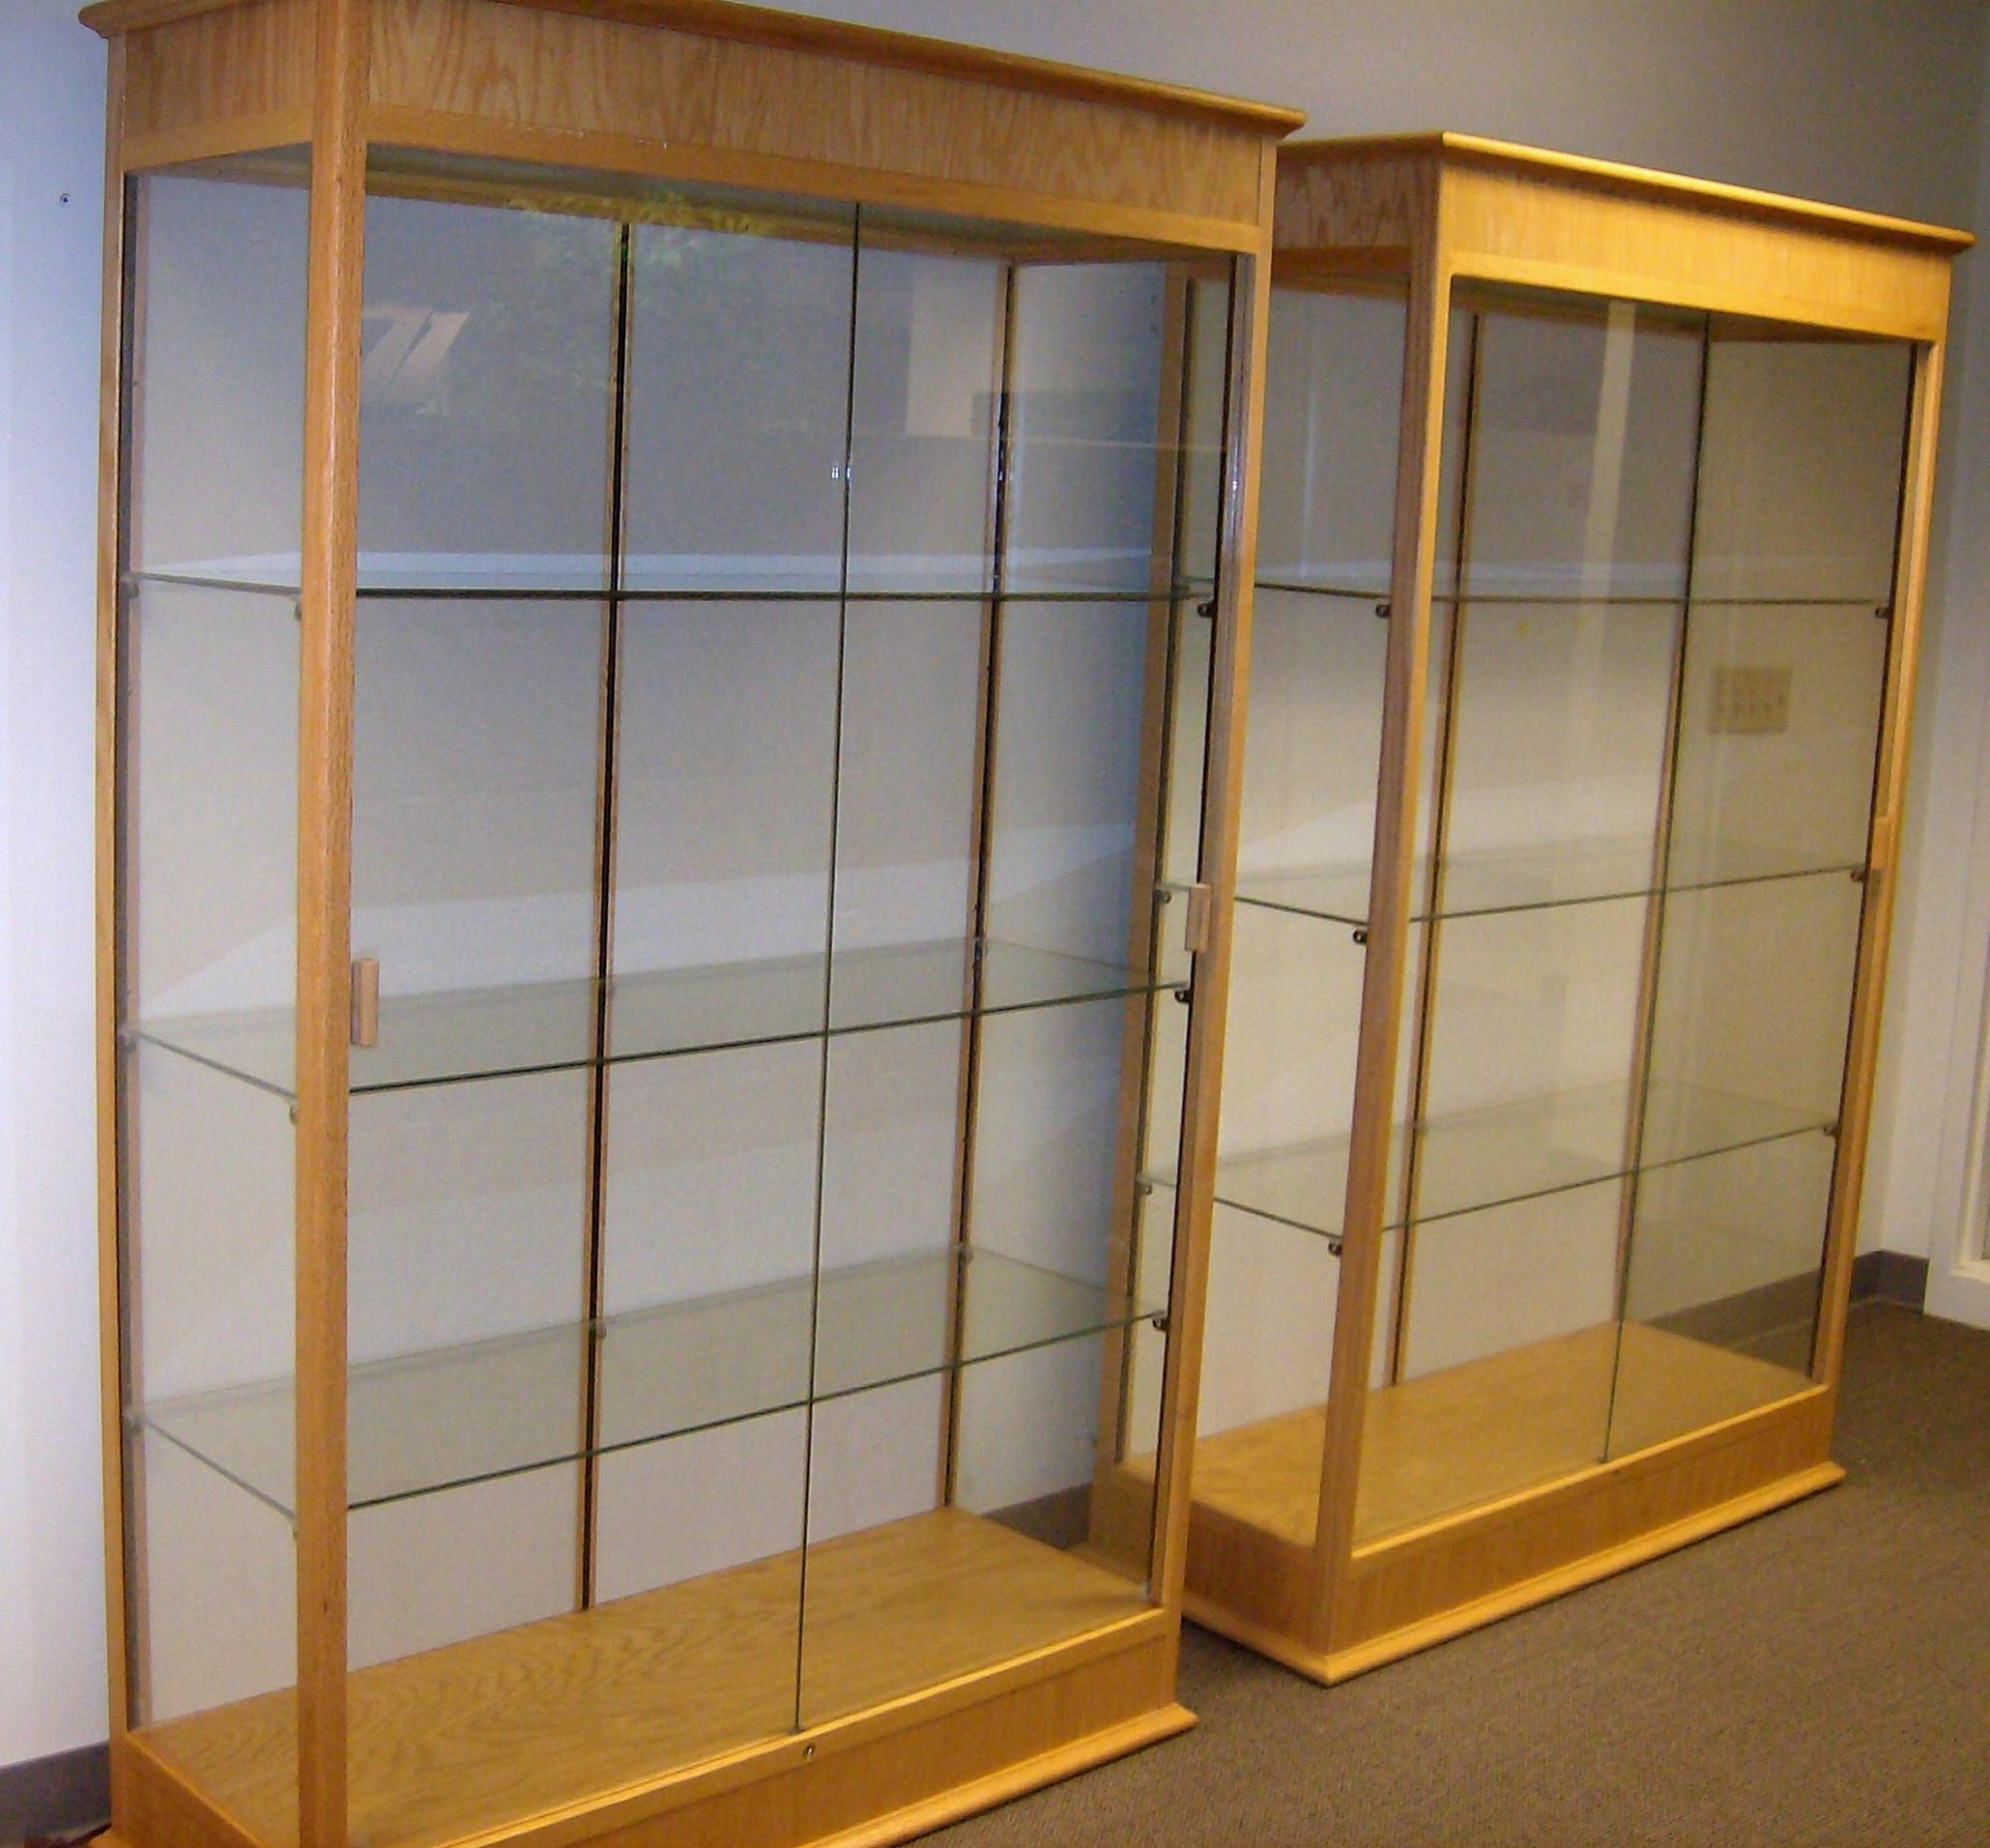 andre møbler Til boligen, andre møbler og tilbehør, skabe, vitrineskabe o.l. andre møbler